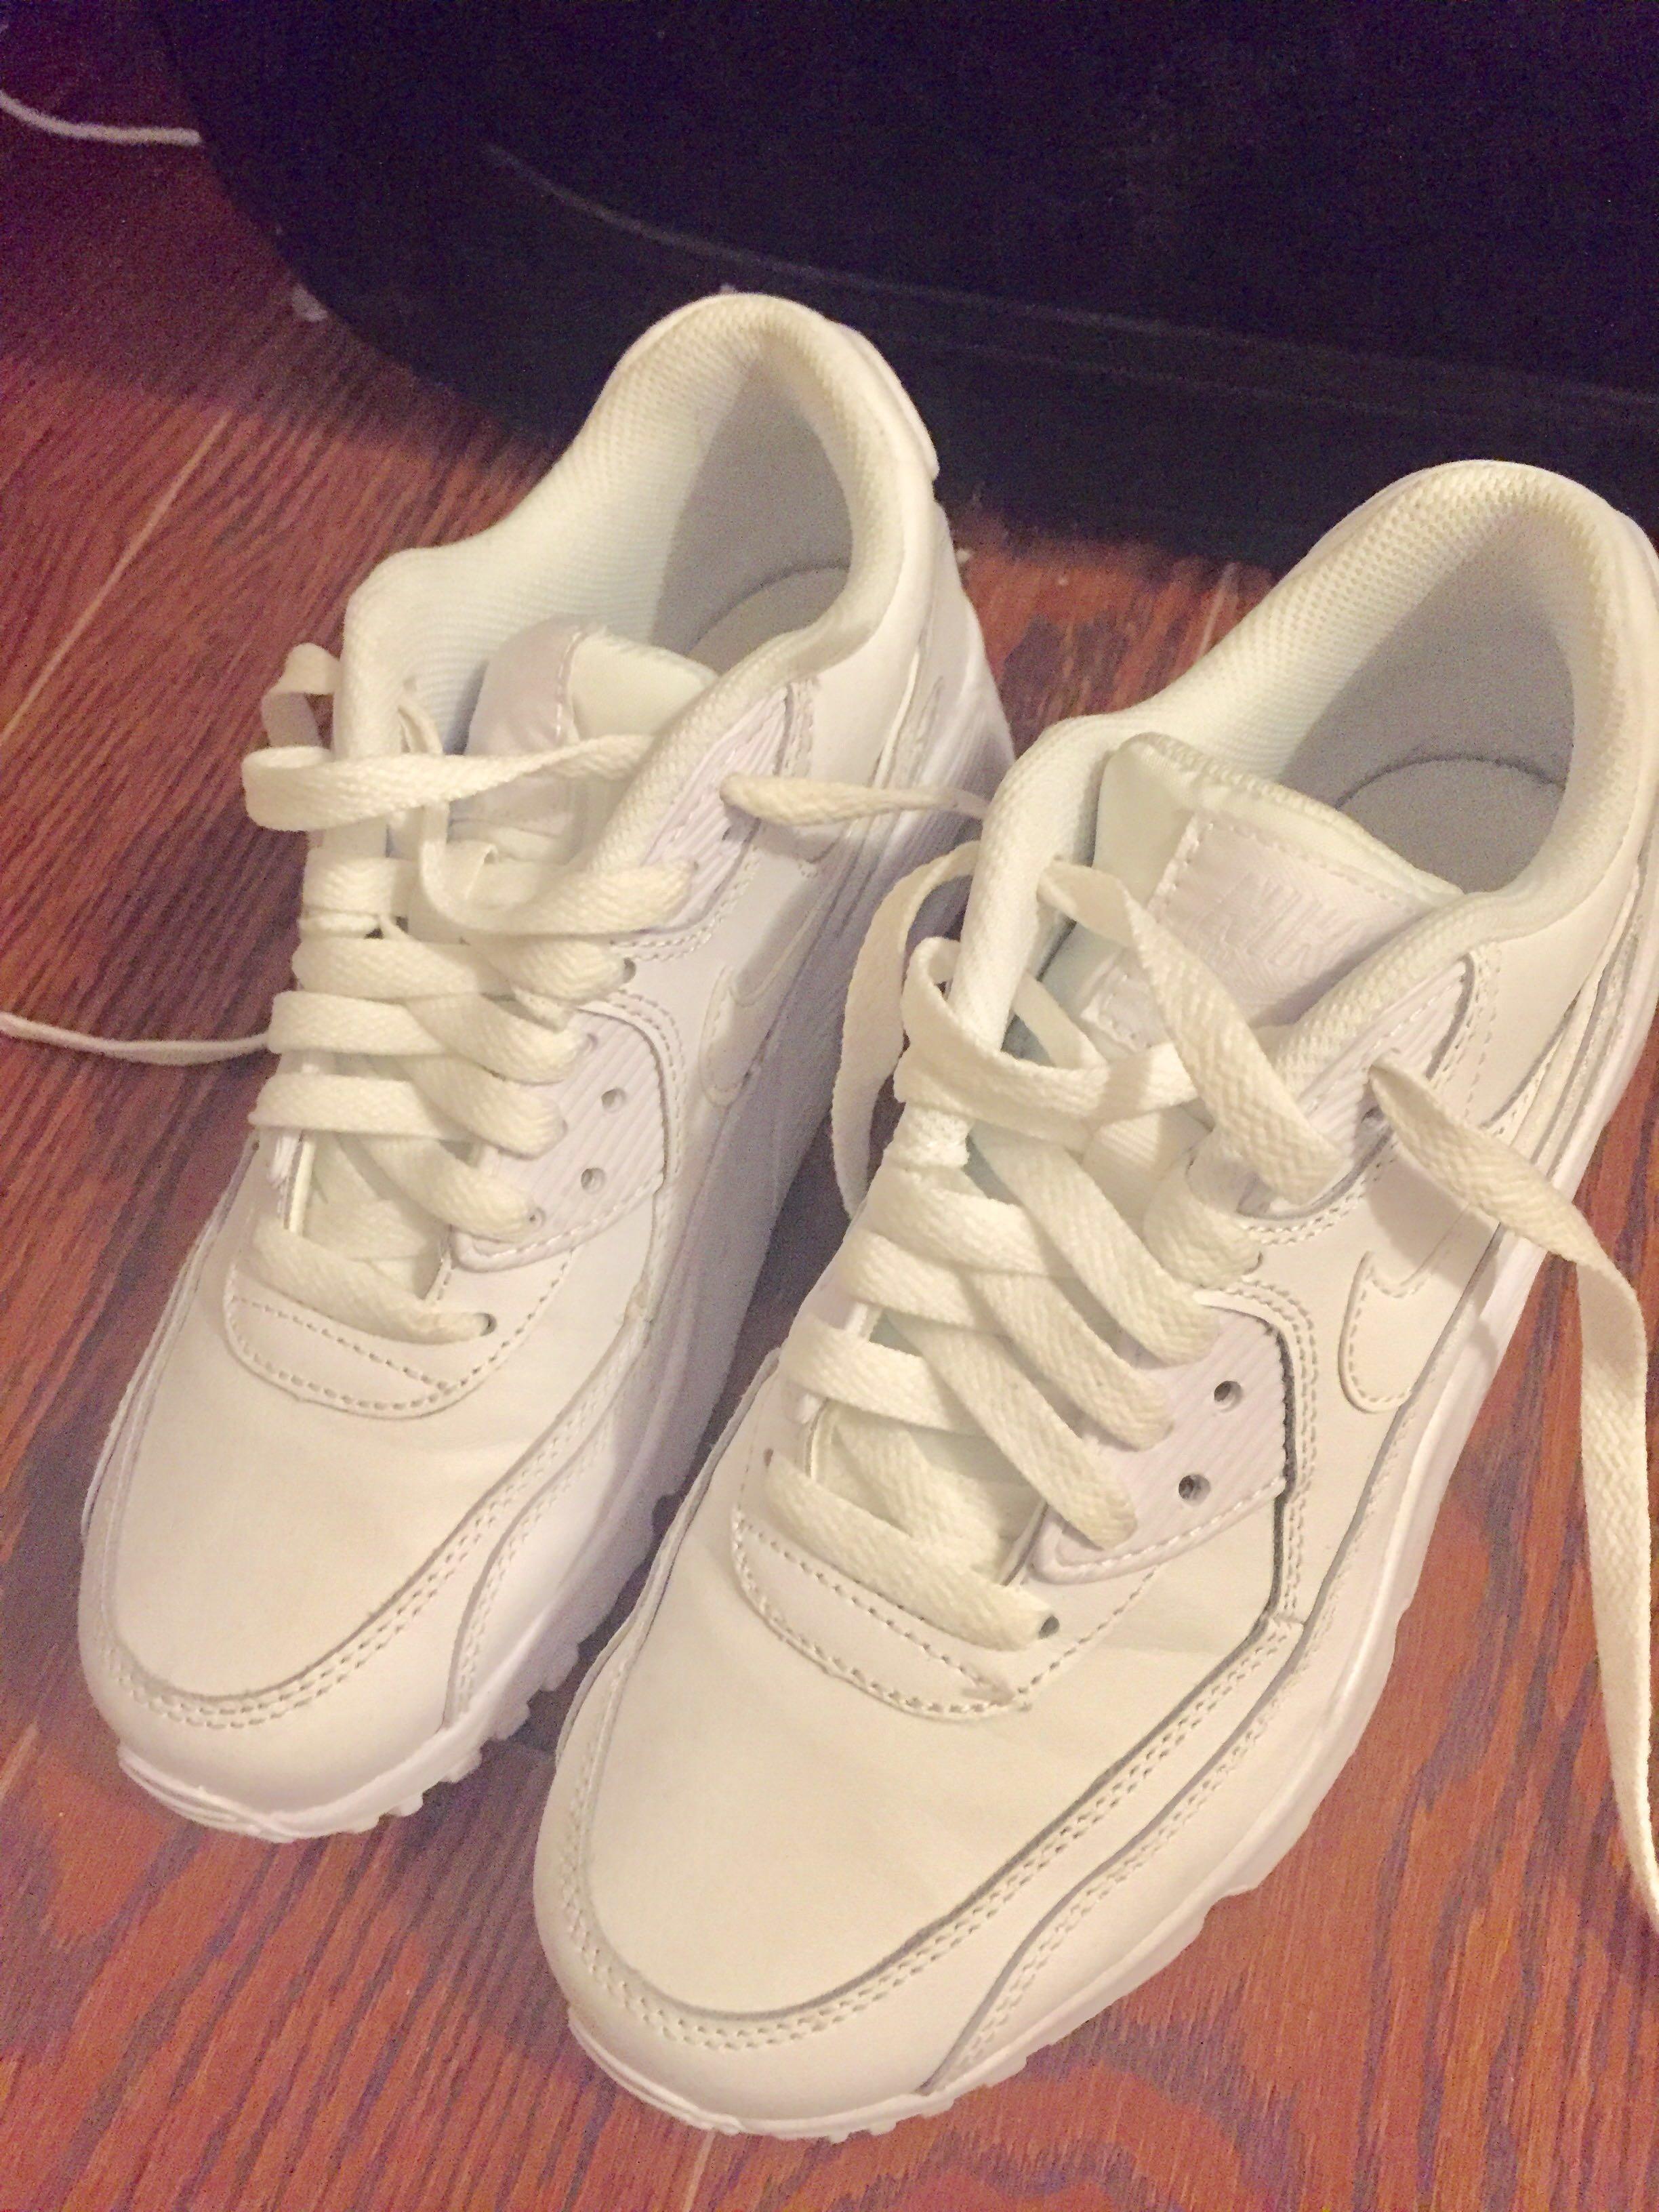 Nike, white, size 6